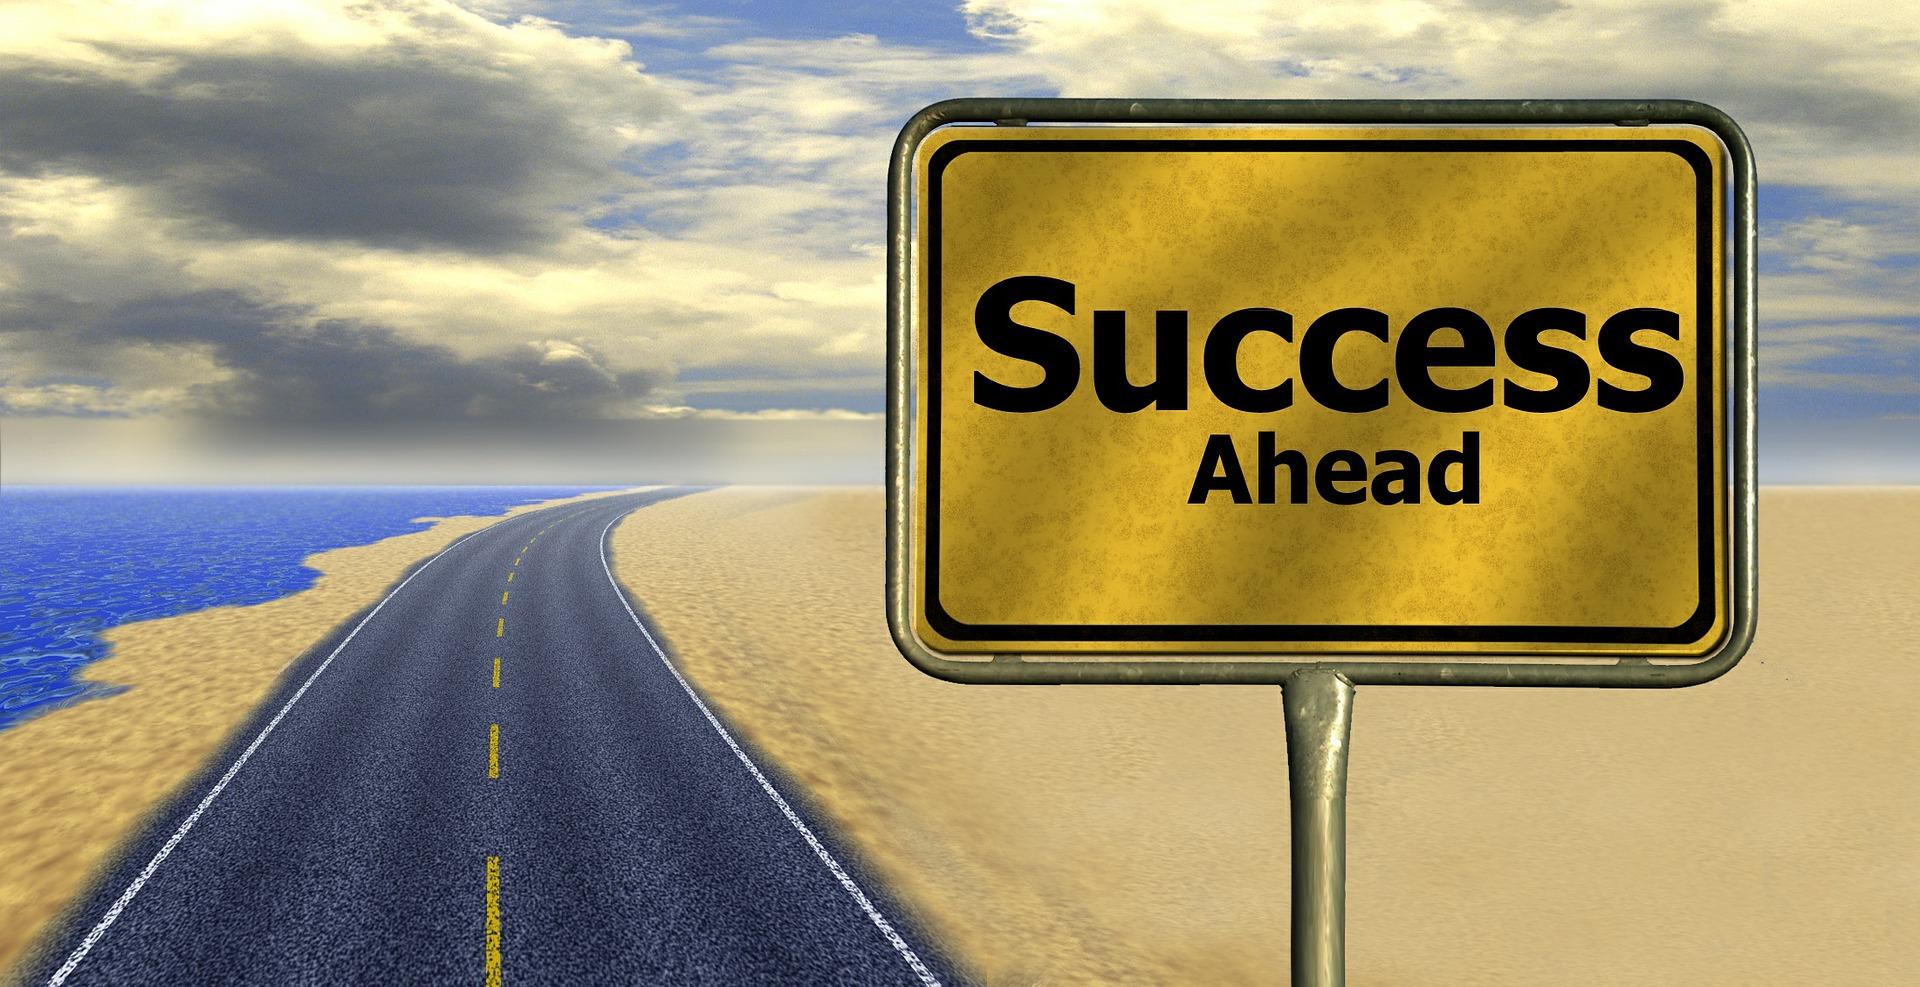 使命与愿景,战略与战术 - 搞清楚这些,企业组织成功的关键